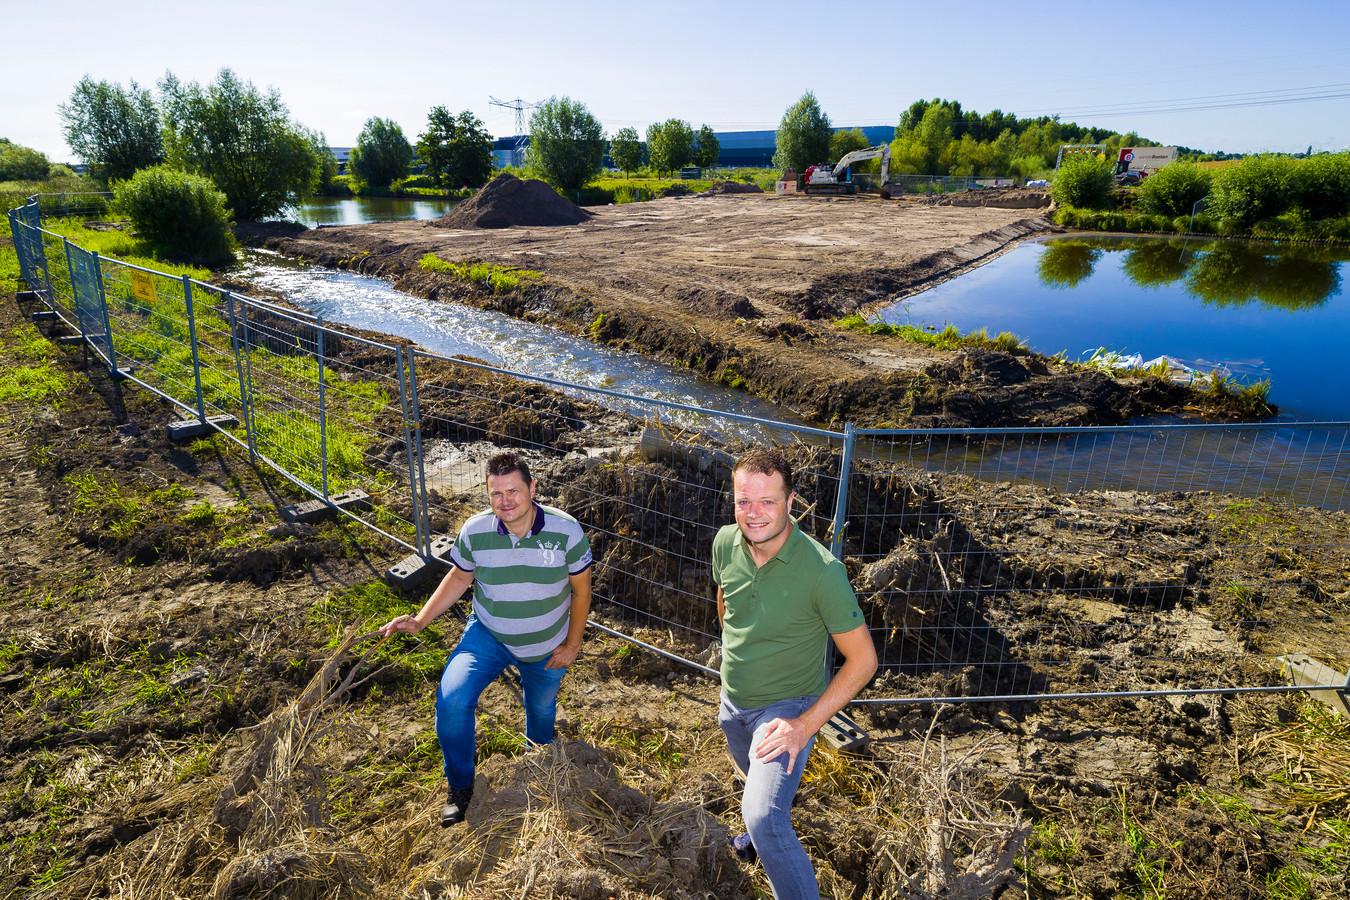 Jan-Willem Baaijens en Bas Kuijpers voor de plek in het Zuiderkanaal waar het nieuwe gemaal gaat komen. De dam ligt er al, alleen is een smalle sloot open gelaten zodat het water nu nog in de oude situatie kan stromen.